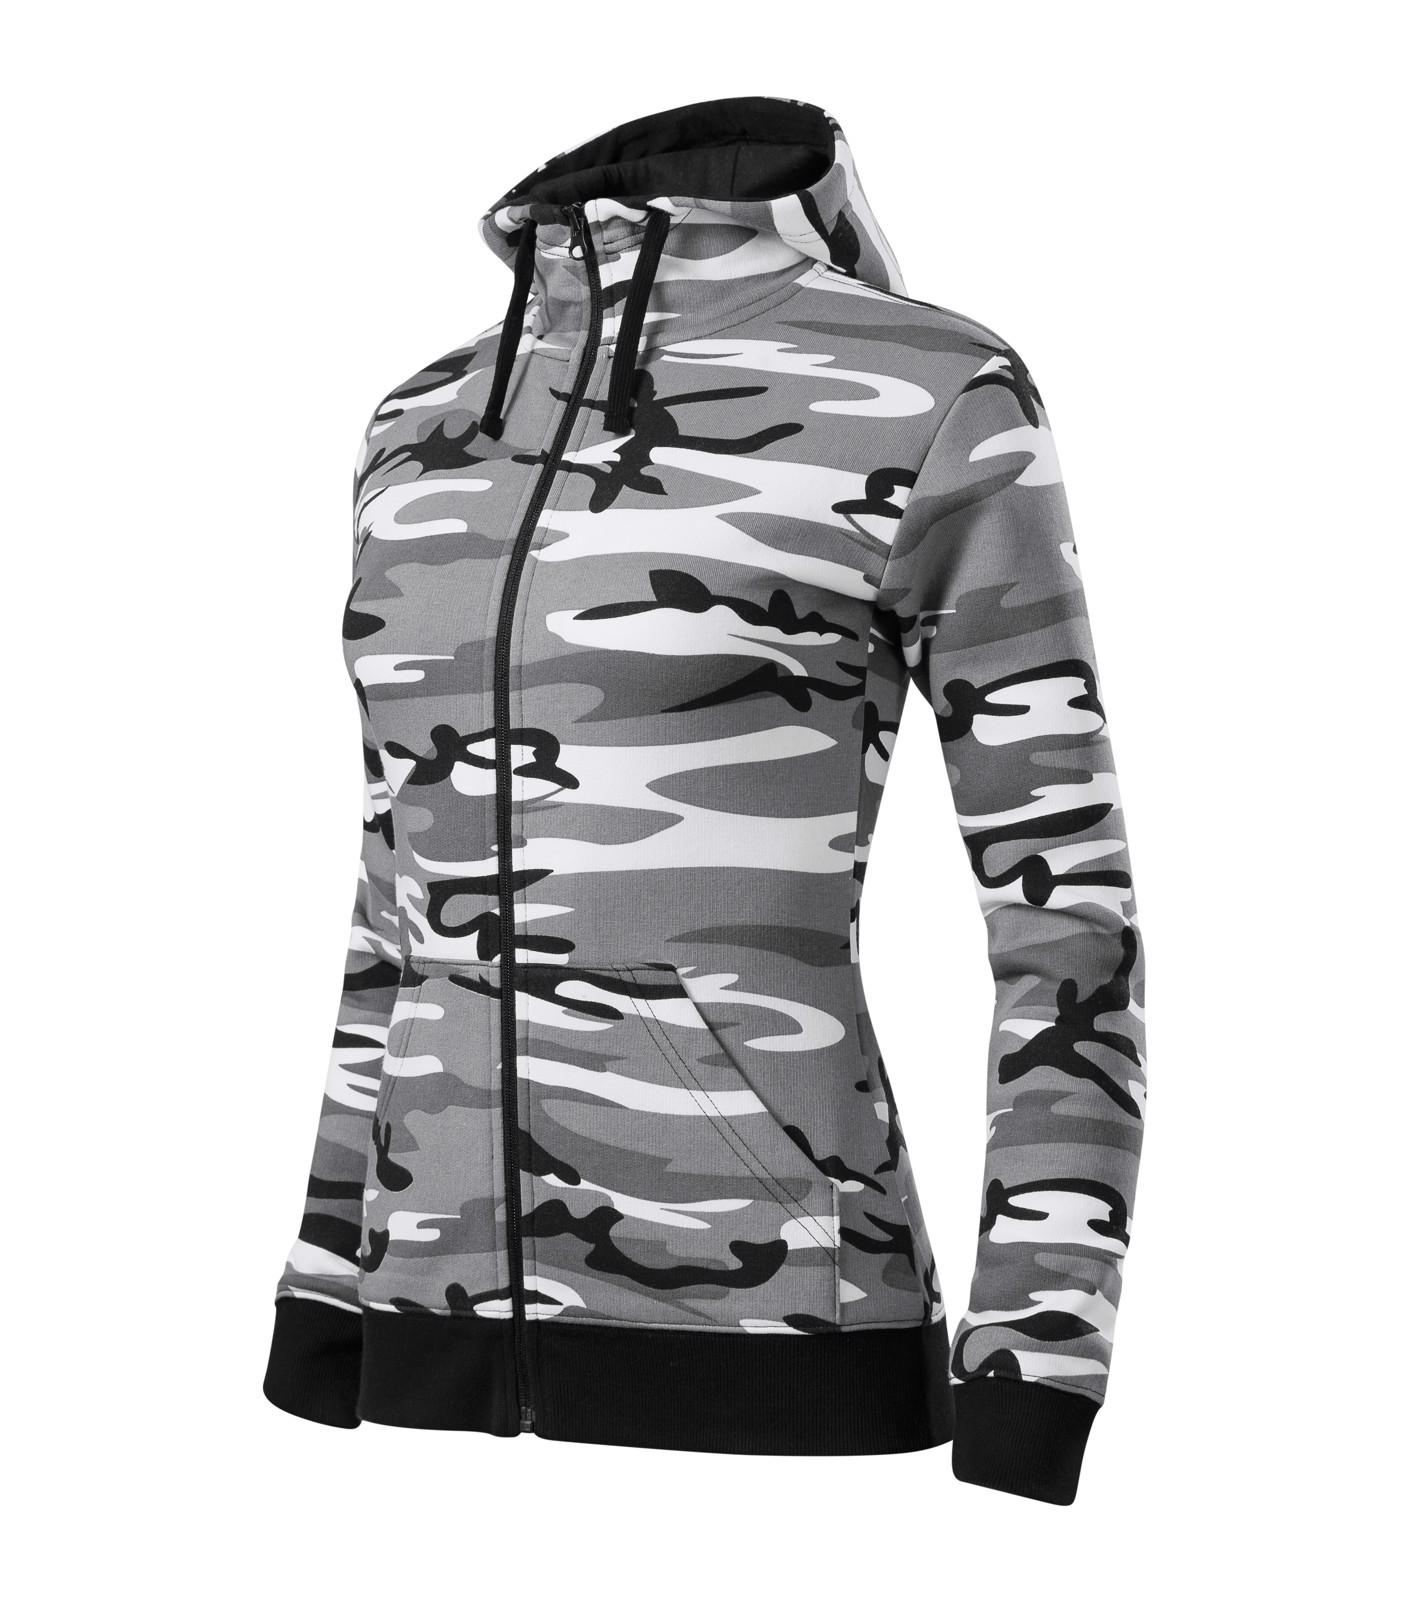 Mikina dámská Malfini Camo Zipper - Camouflage Gray / M